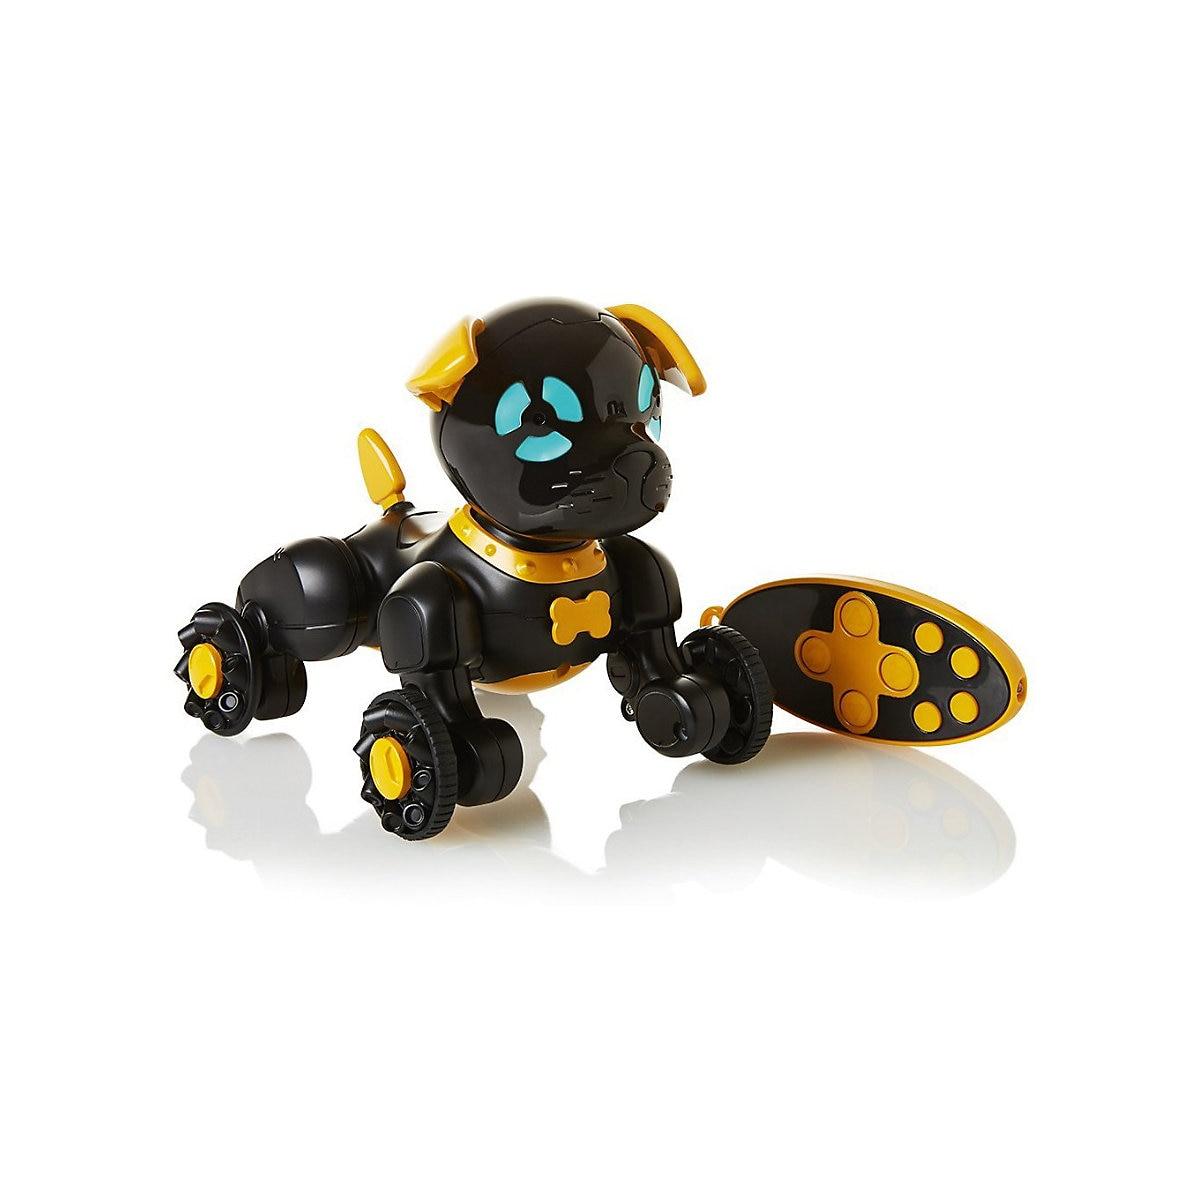 Animaux de compagnie électroniques WowWee 7314004 Tamagochi Robot jouets interactif chien animaux enfants MTpromo